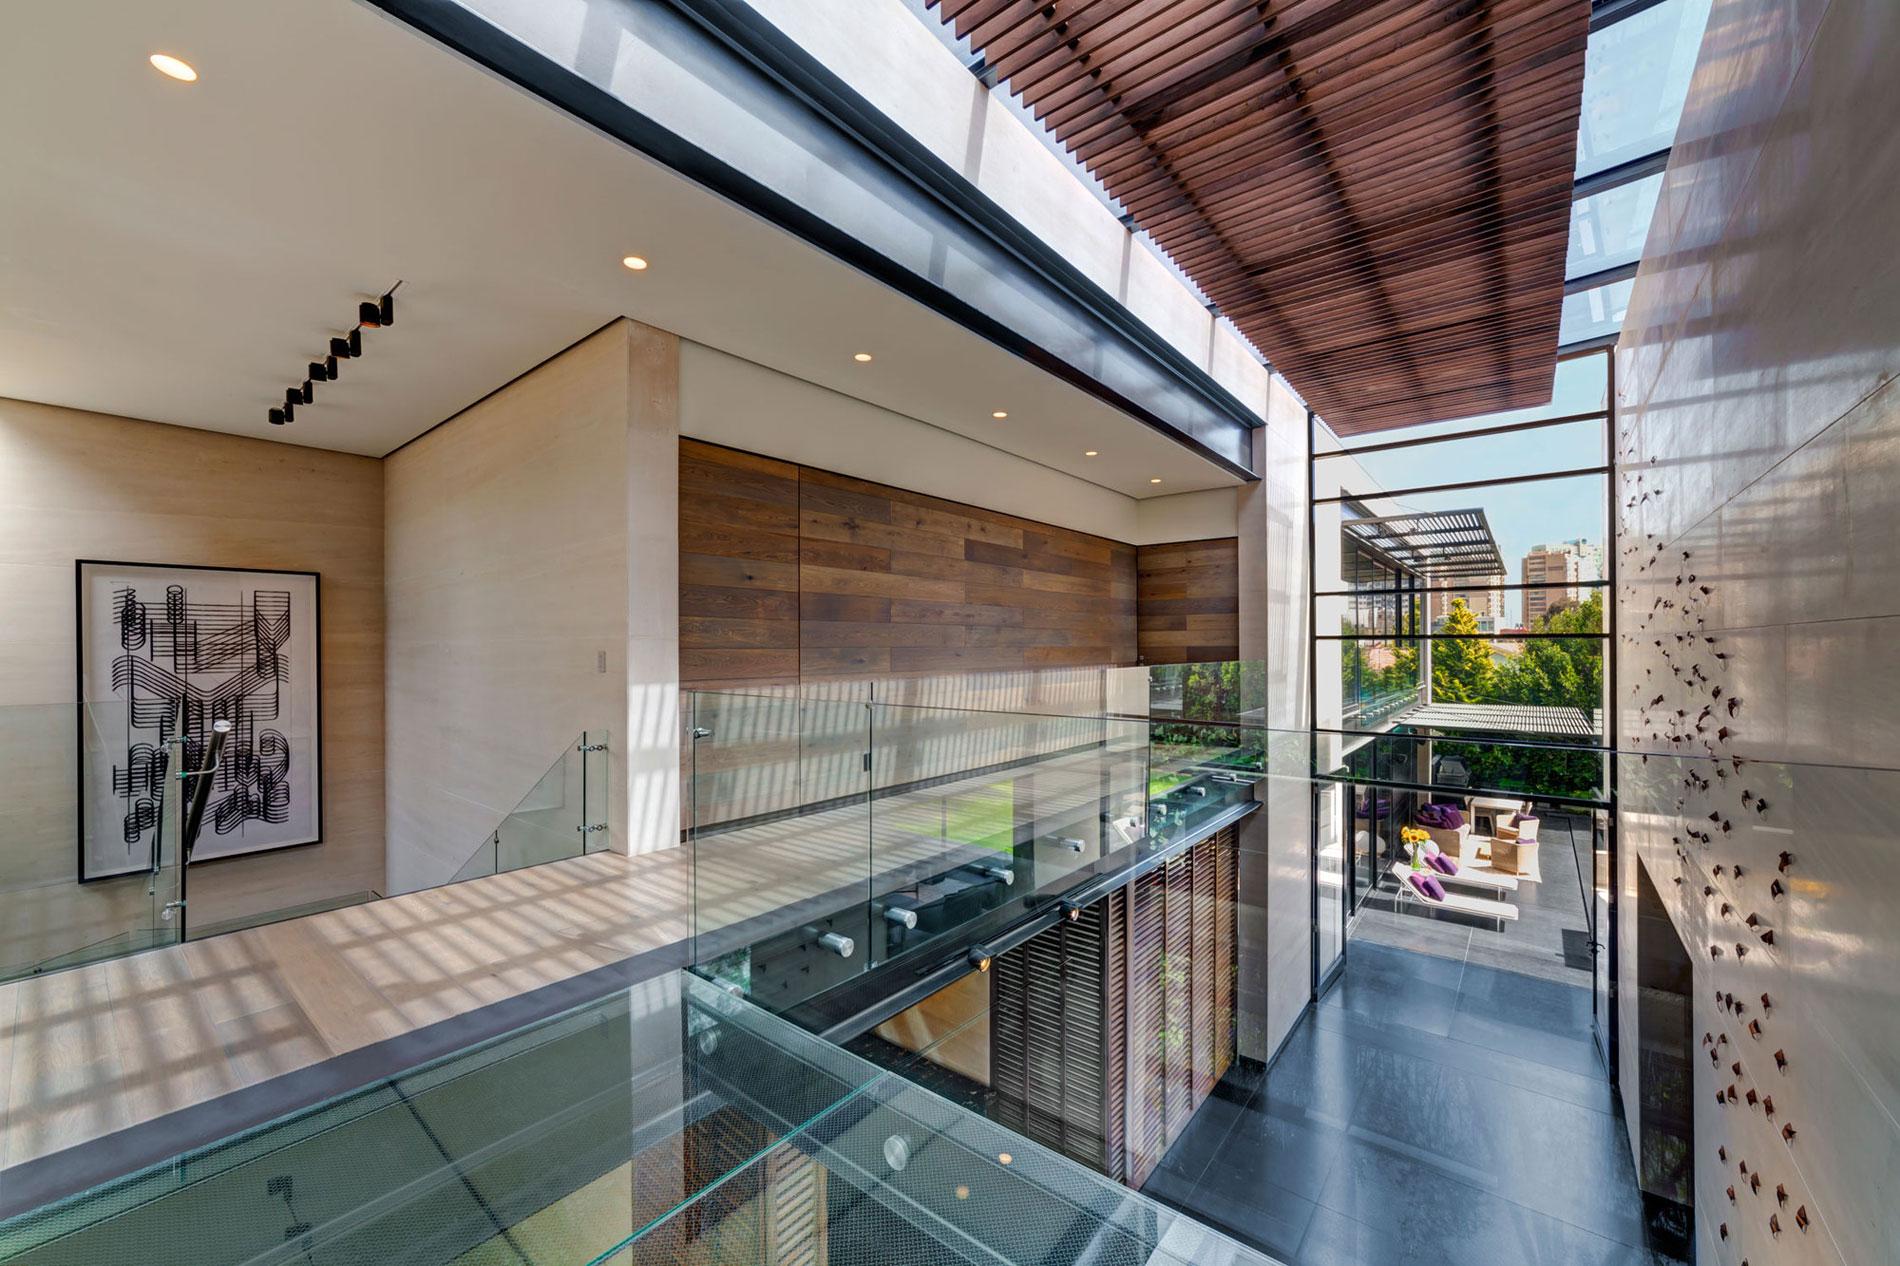 Dalias House grupoarquitectura-17